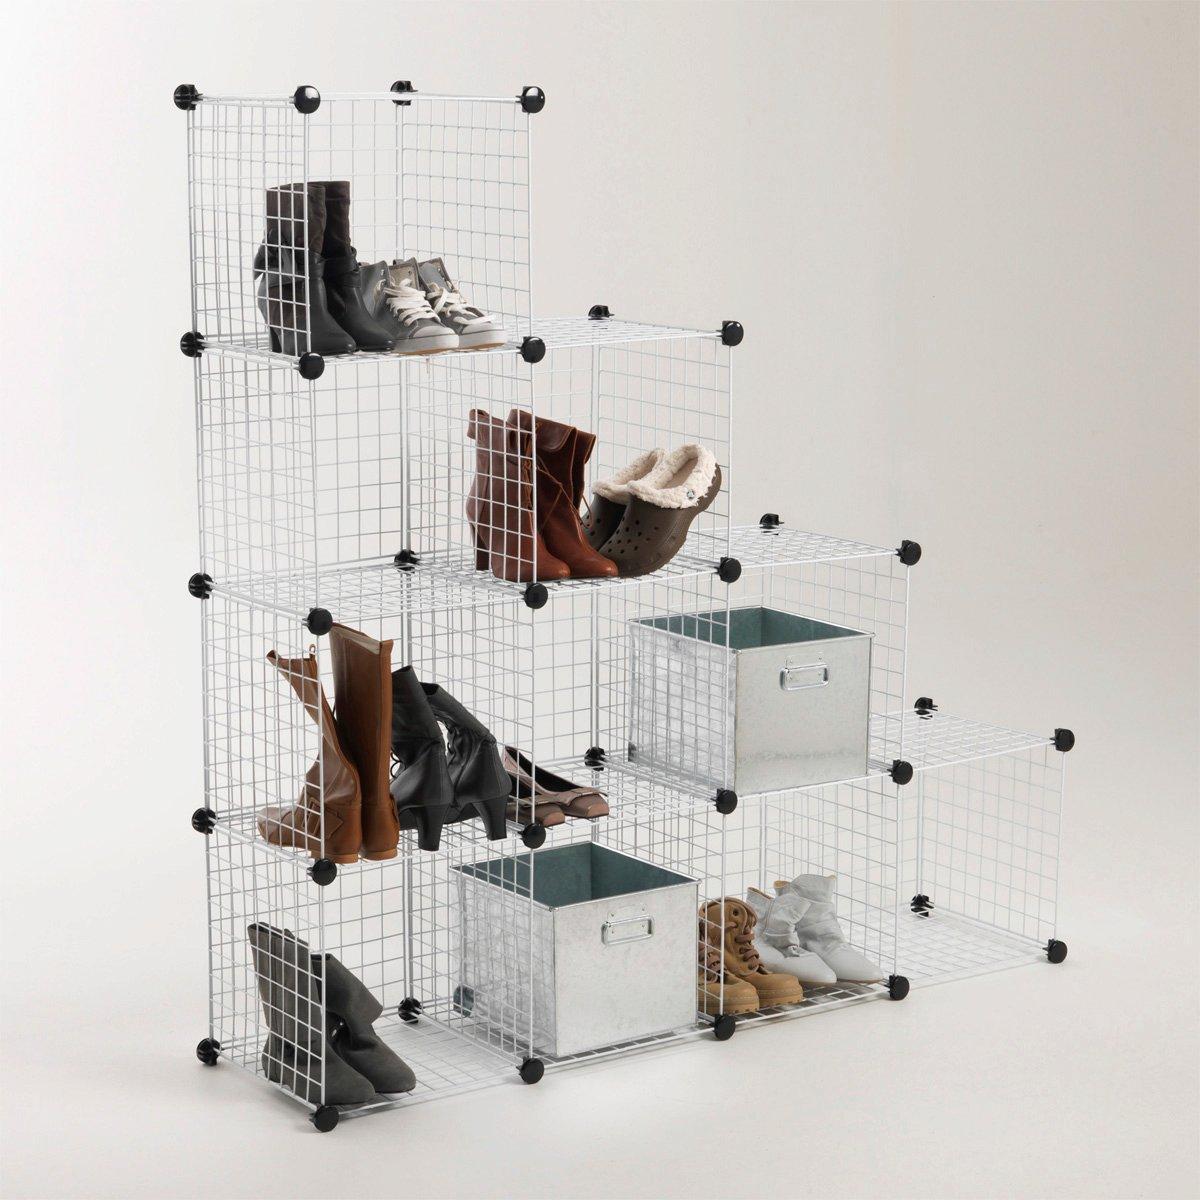 Cavy cage pour lapin et autre nac stealthily blog canima for Peut on mettre du lino sur de la moquette